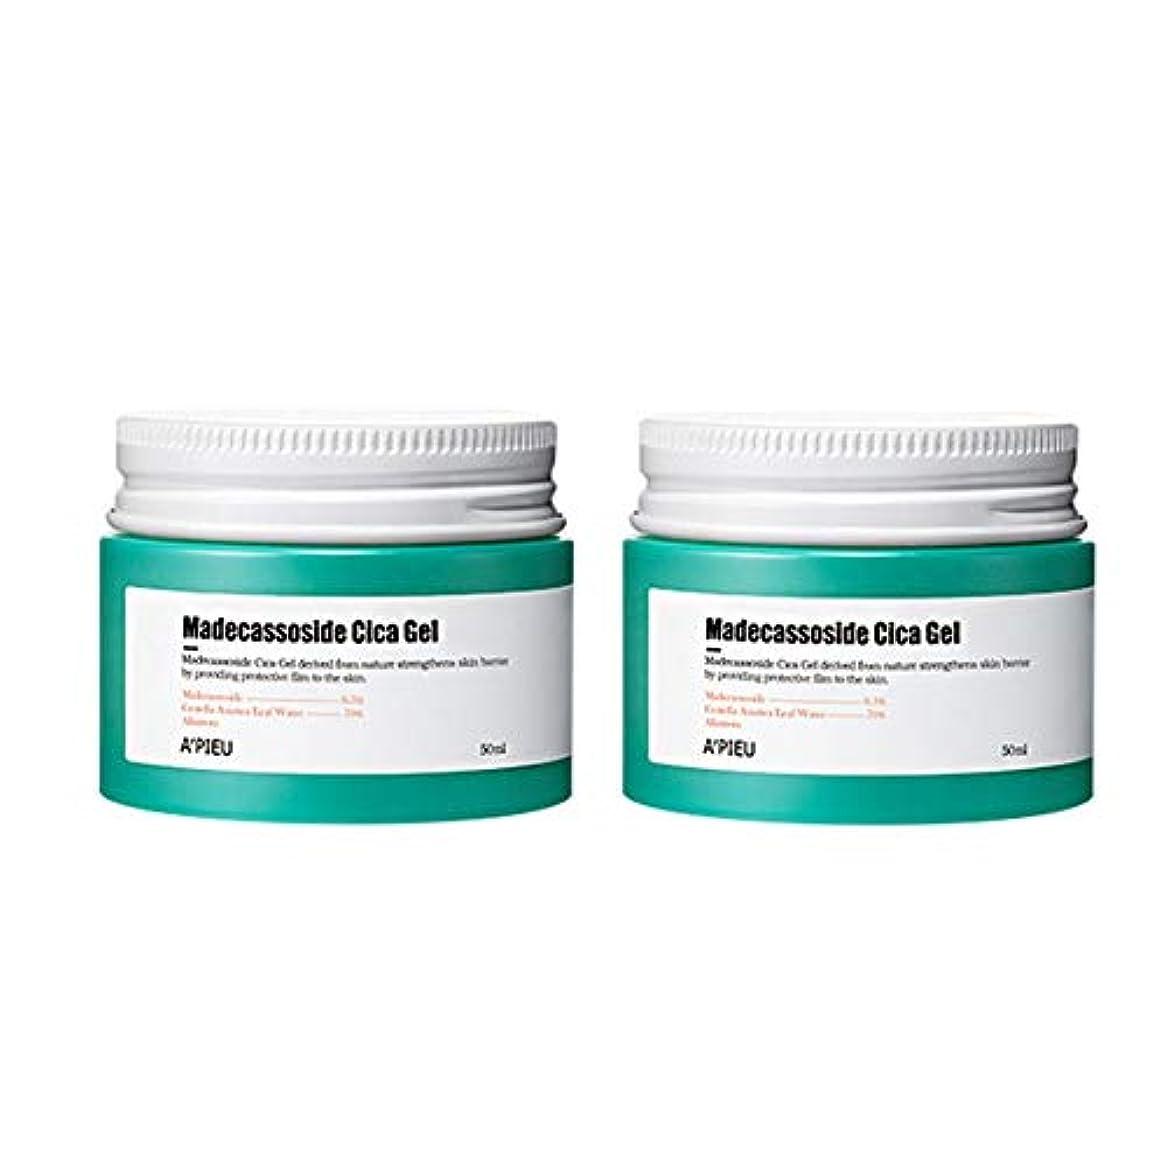 喉が渇いた狂ったサイトオピュマデカソサイドシカゲル50ml x2本セット皮膚の損傷の改善、A'pieu Madecassoside Cica Gel 50ml x 2ea Set Skin Damage Care [並行輸入品]